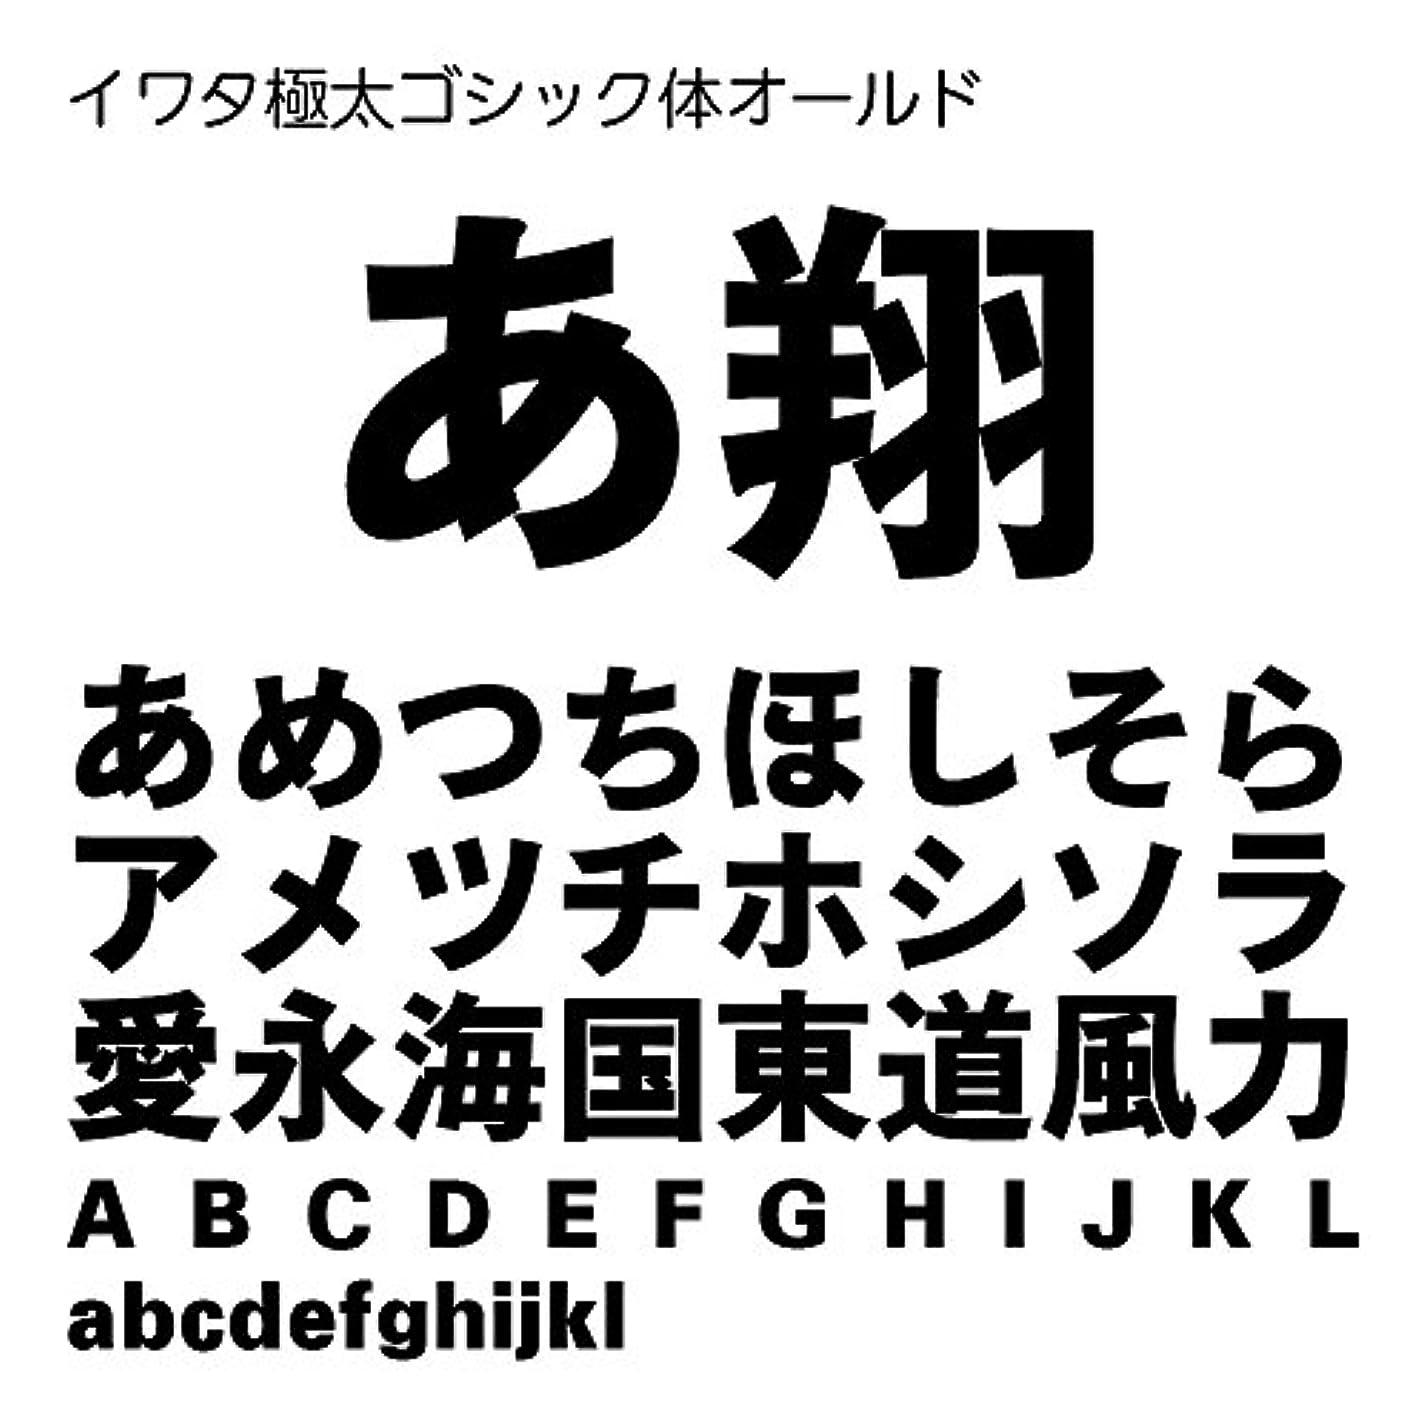 シンプルさ敬理解するイワタ極太ゴシック体オールド TrueType Font for Windows [ダウンロード]